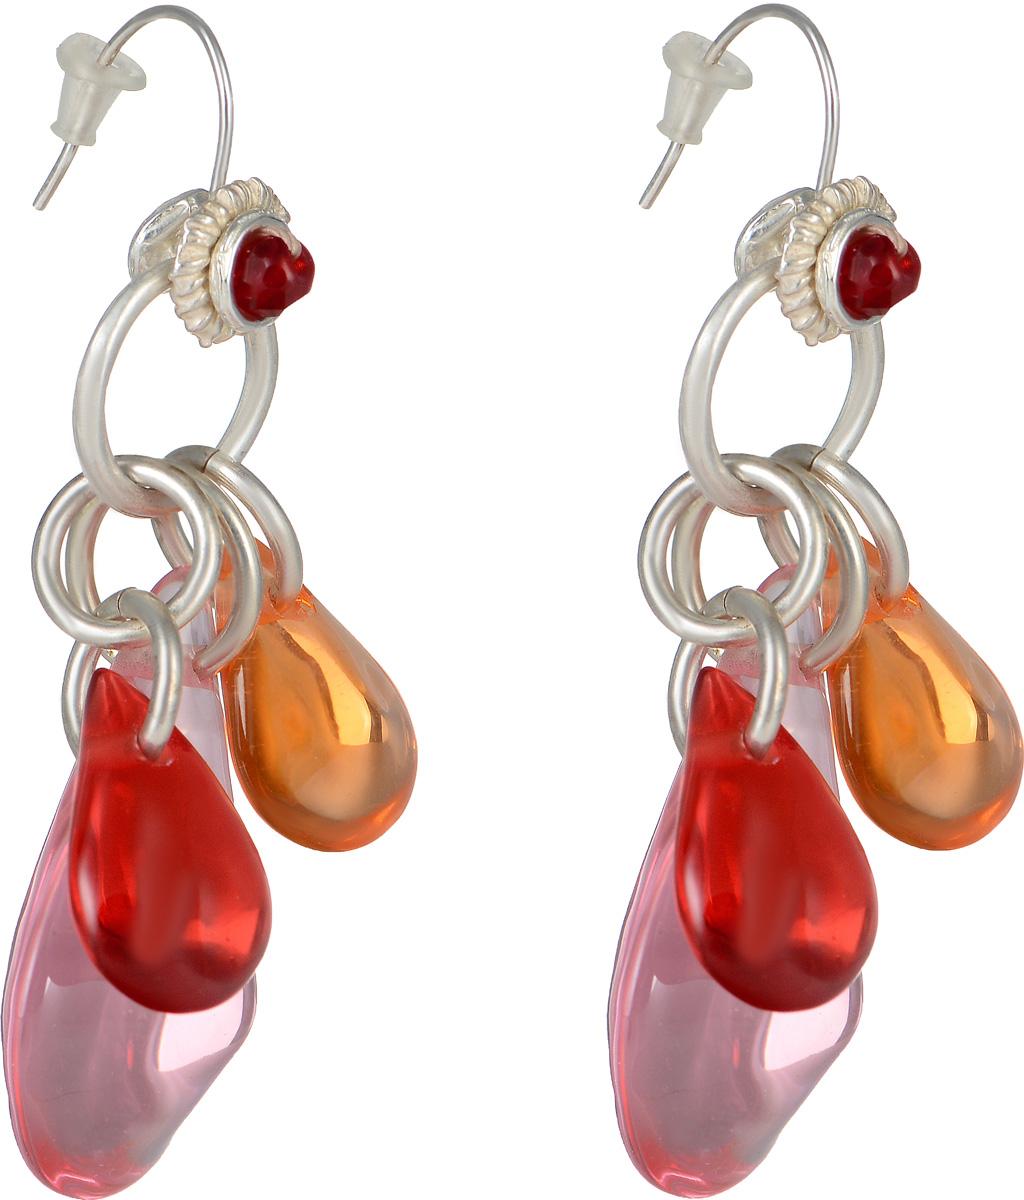 Серьги Lalo Treasures Mon Amour, цвет: розовый, красный, оранжевый. E3469-2E3469-2Оригинальные серьги Lalo Treasures Mon Amour изготовлены из металлического сплава, дополнены подвесками с декоративными элементами из ювелирной смолы. Изделие оснащено замком-петлей с заглушками, который надежно зафиксирует серьги. Стильные серьги Lalo Treasures Mon Amour не оставят равнодушной ни одну любительницу изысканных украшений и помогут создать собственный неповторимый образ.